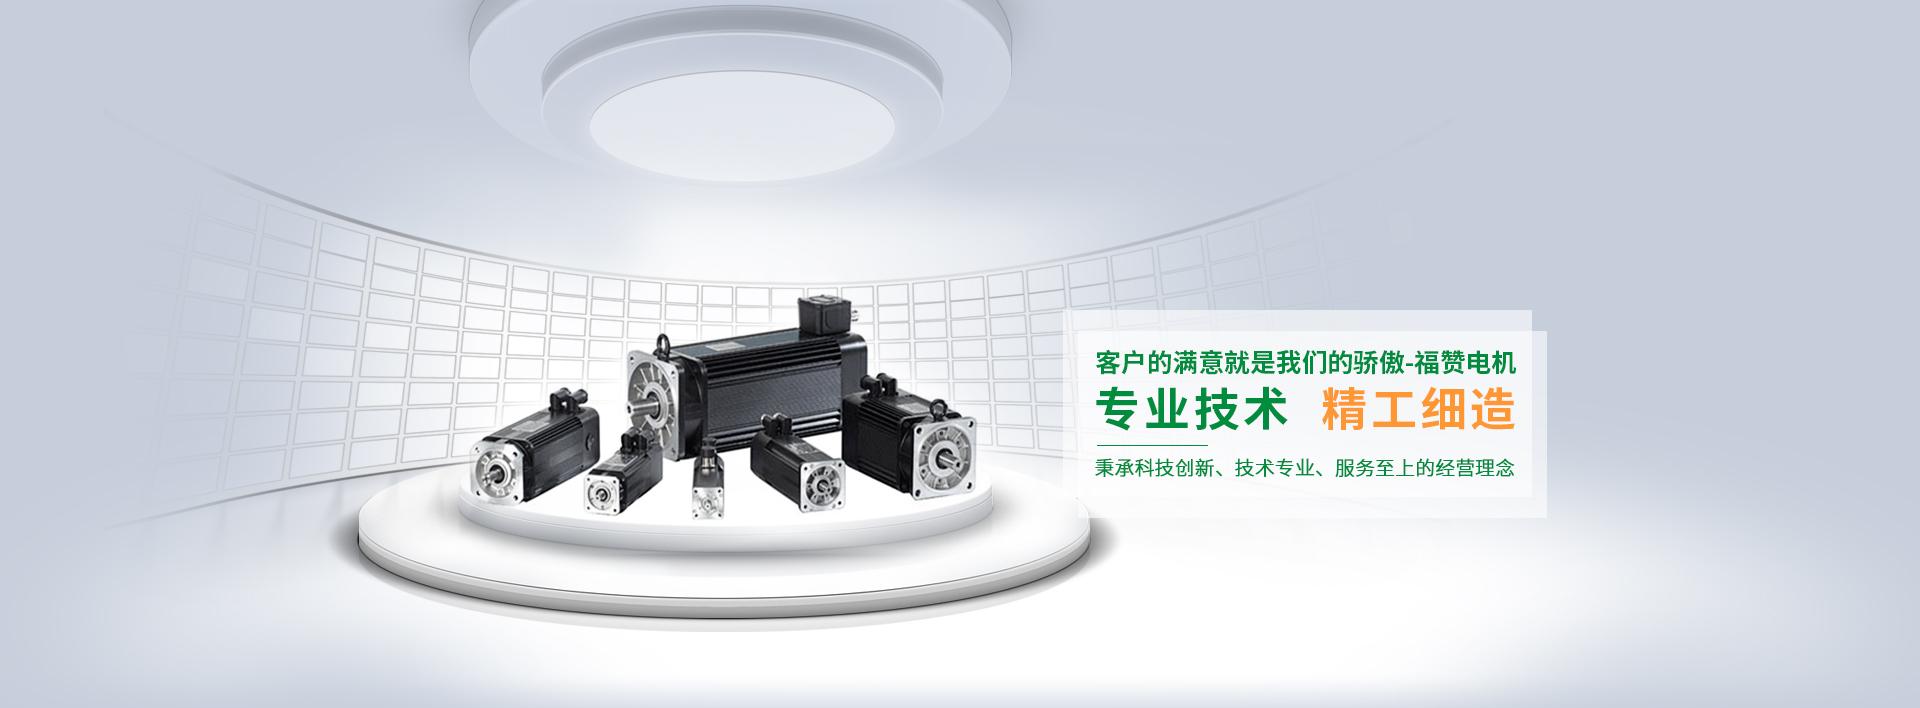 上海同步伺服电机